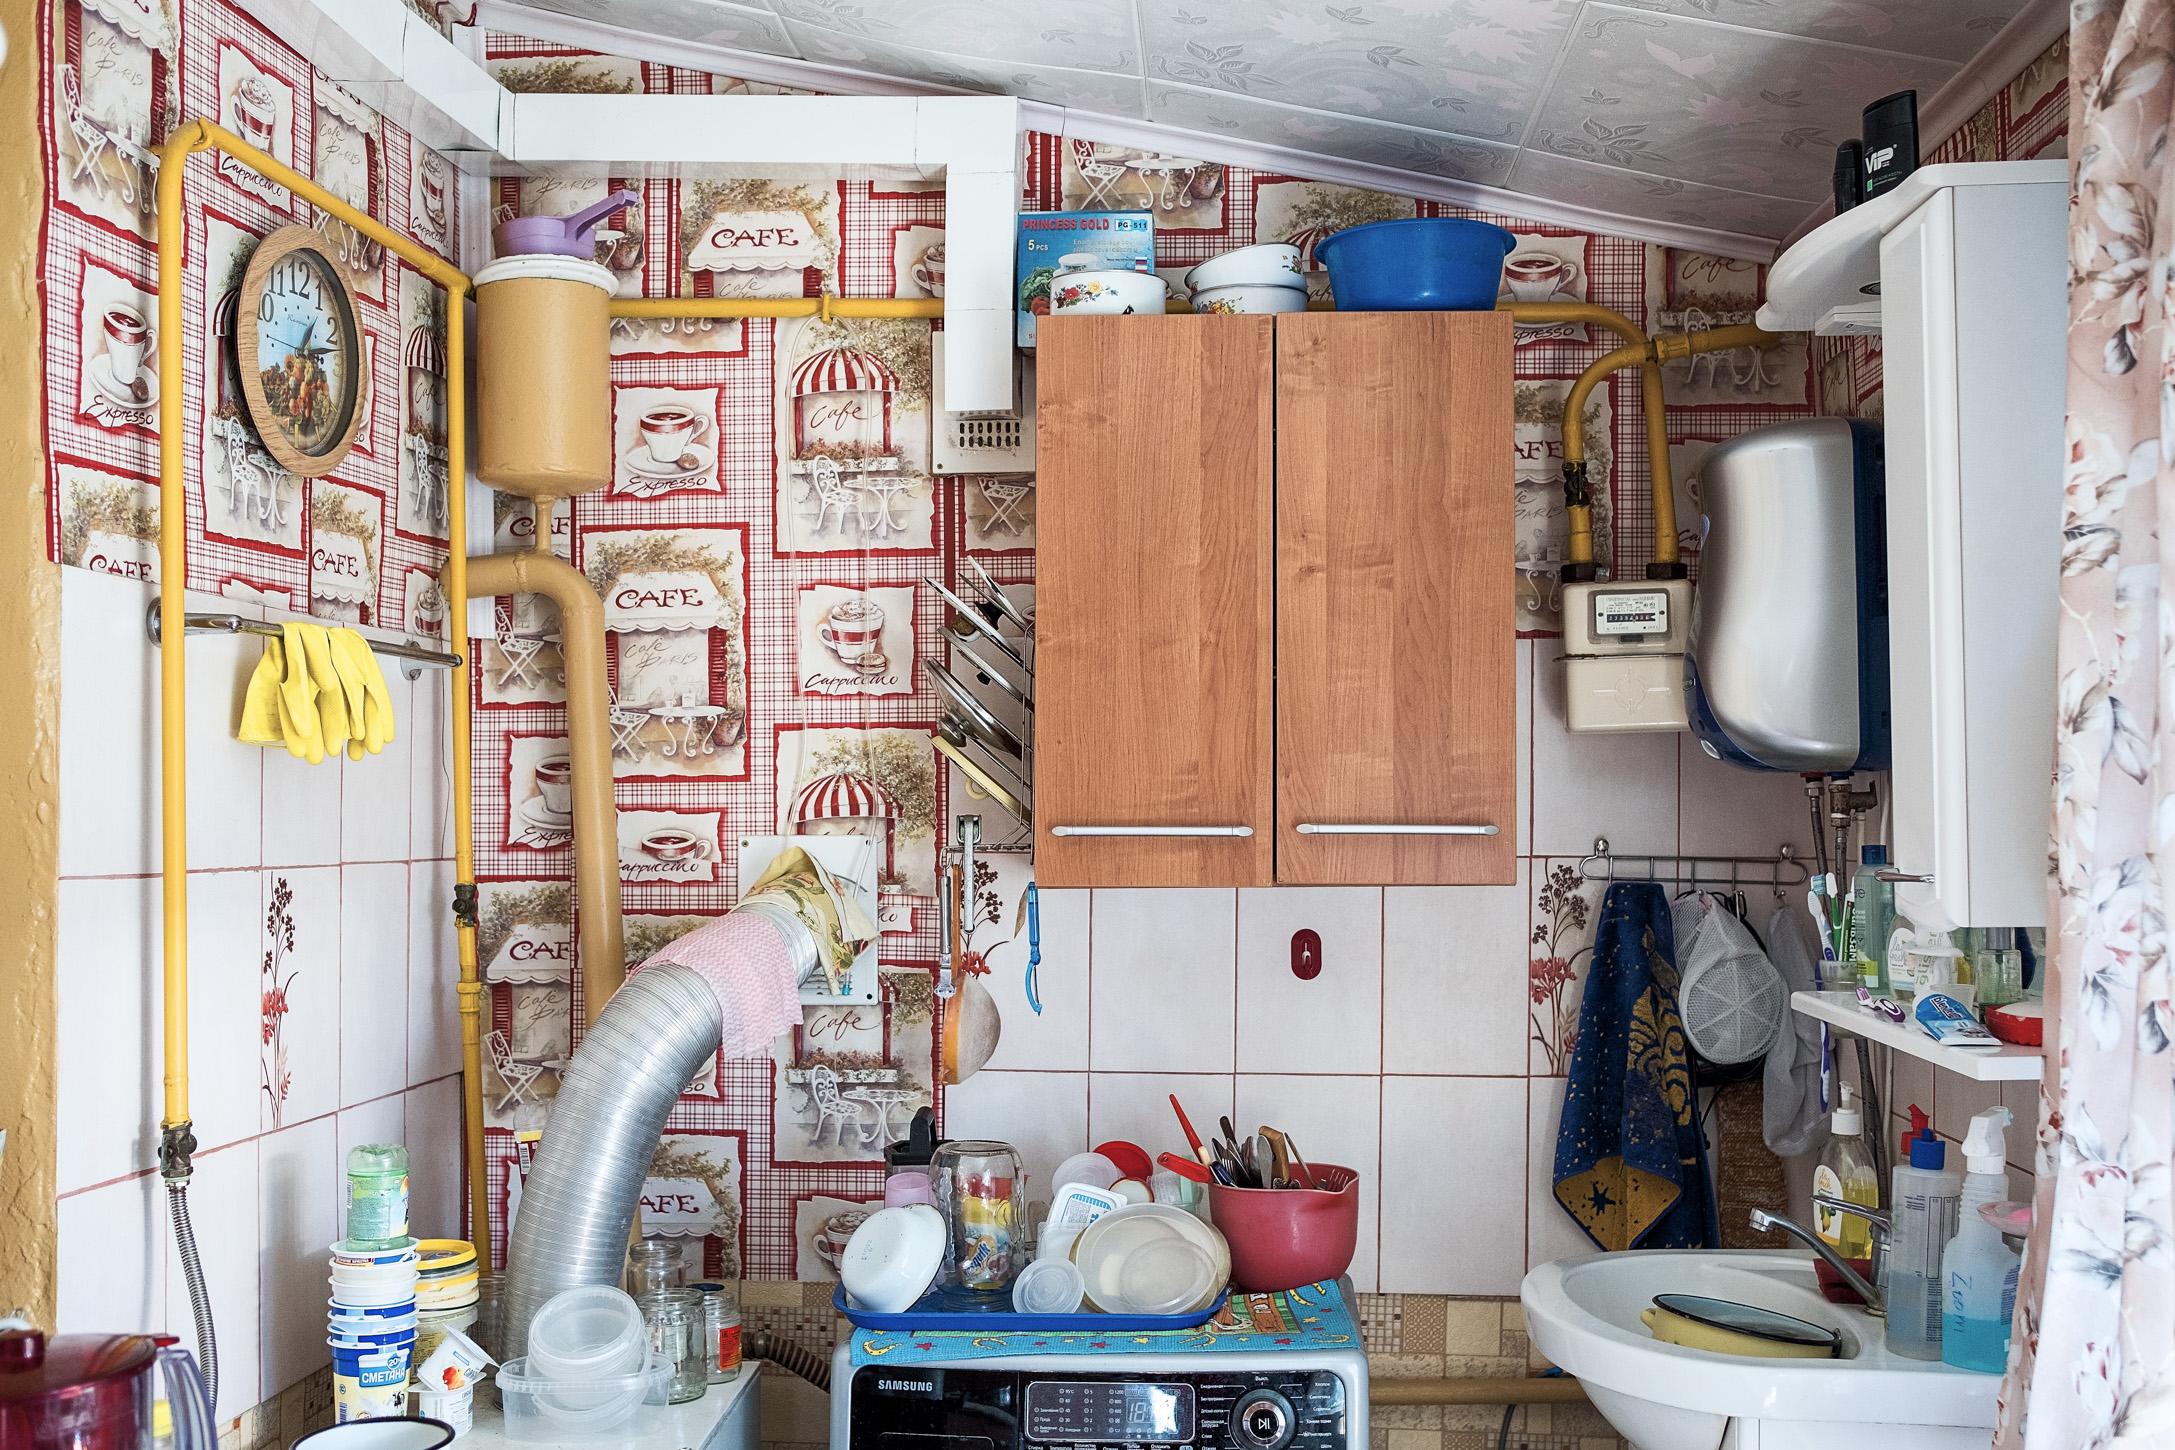 13. 28/04/2017  El interior de la cocina de una casa familiar.